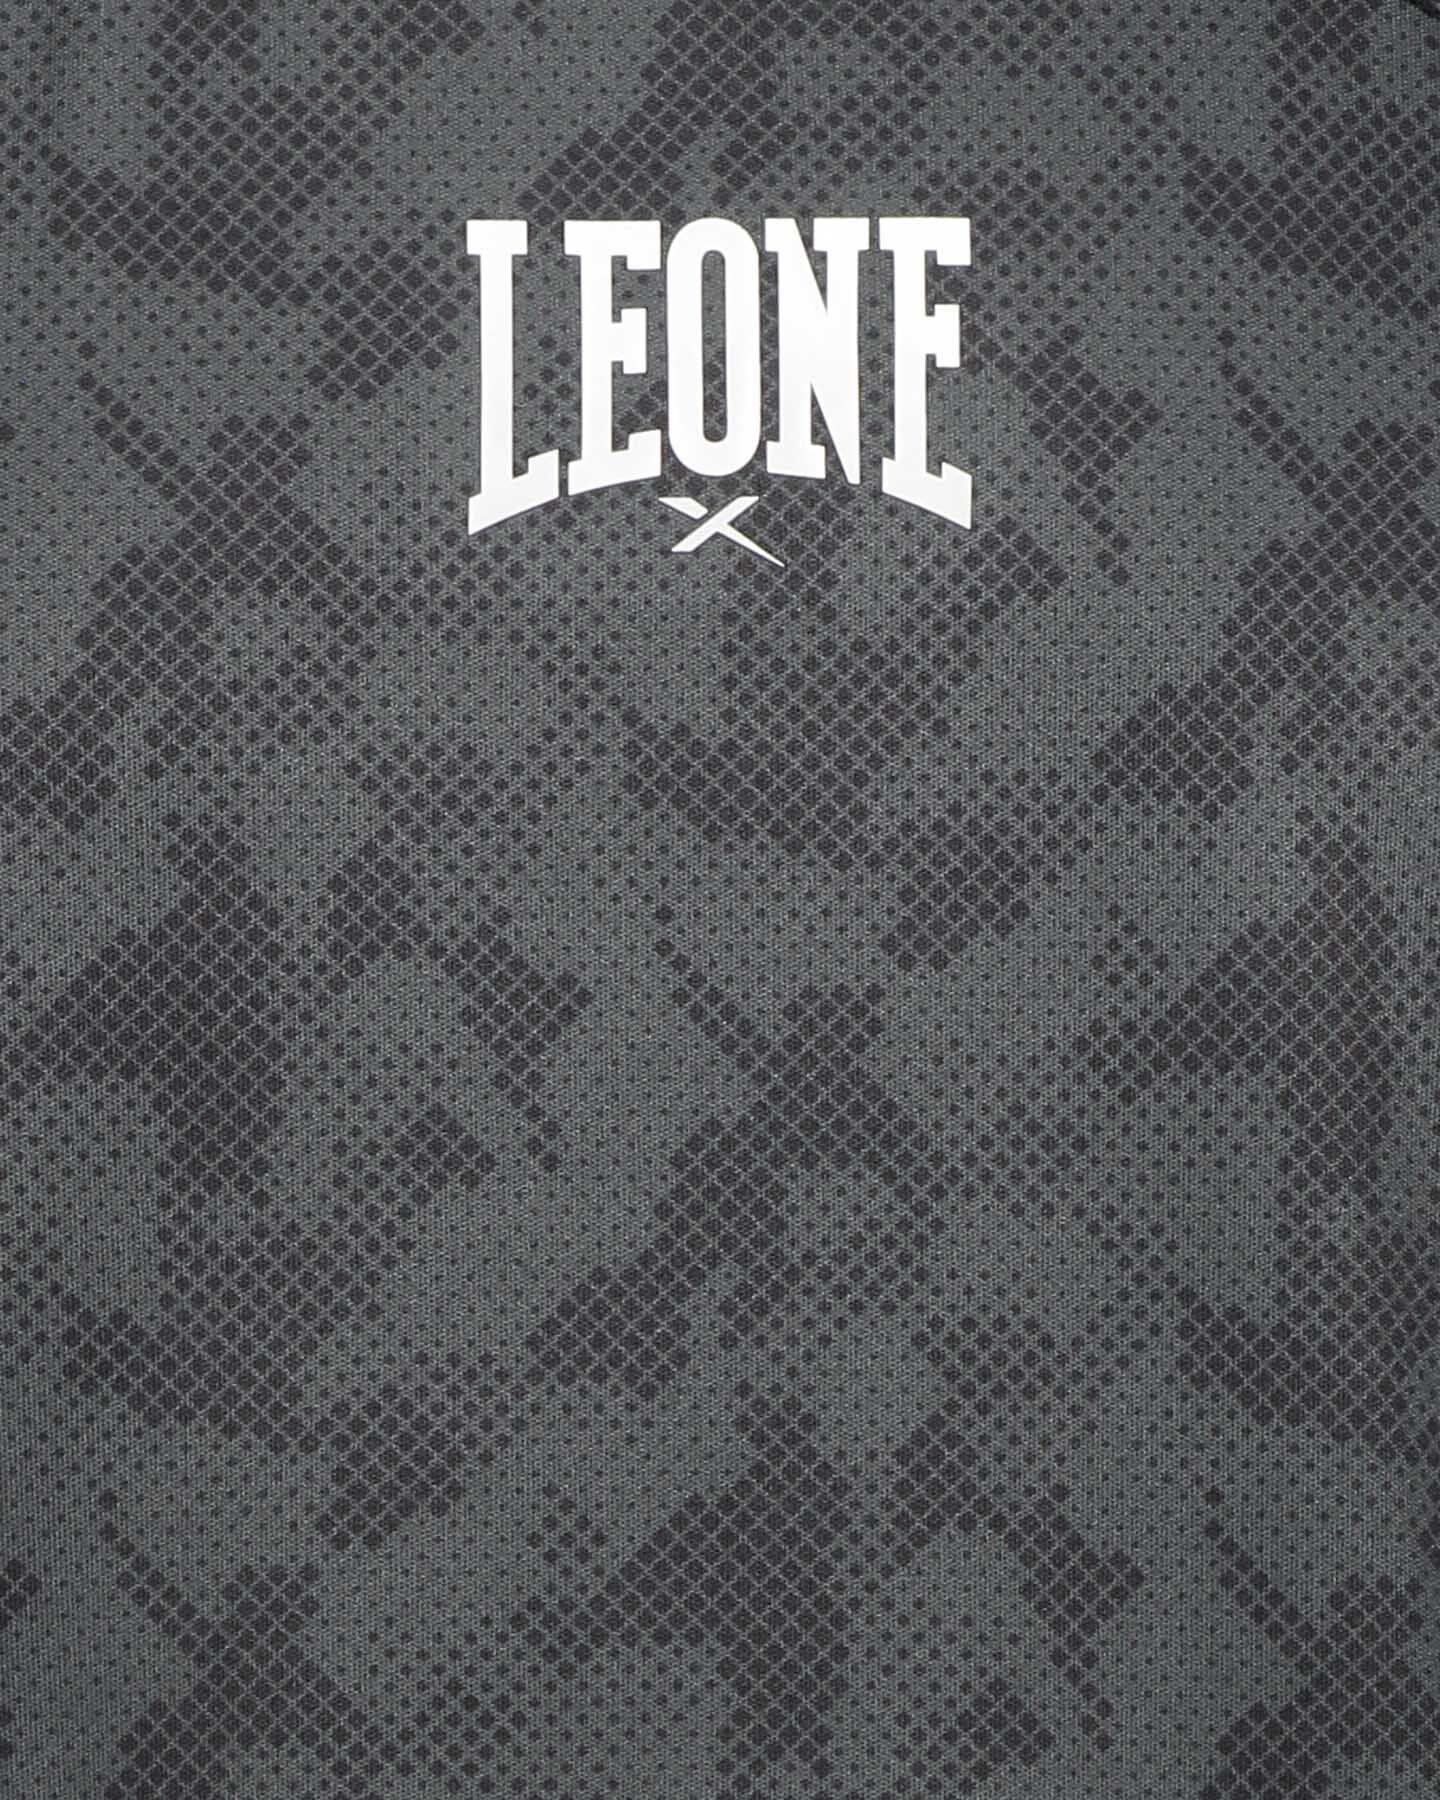 Completo LEONE EXTREMA 3 M S5190520 scatto 2